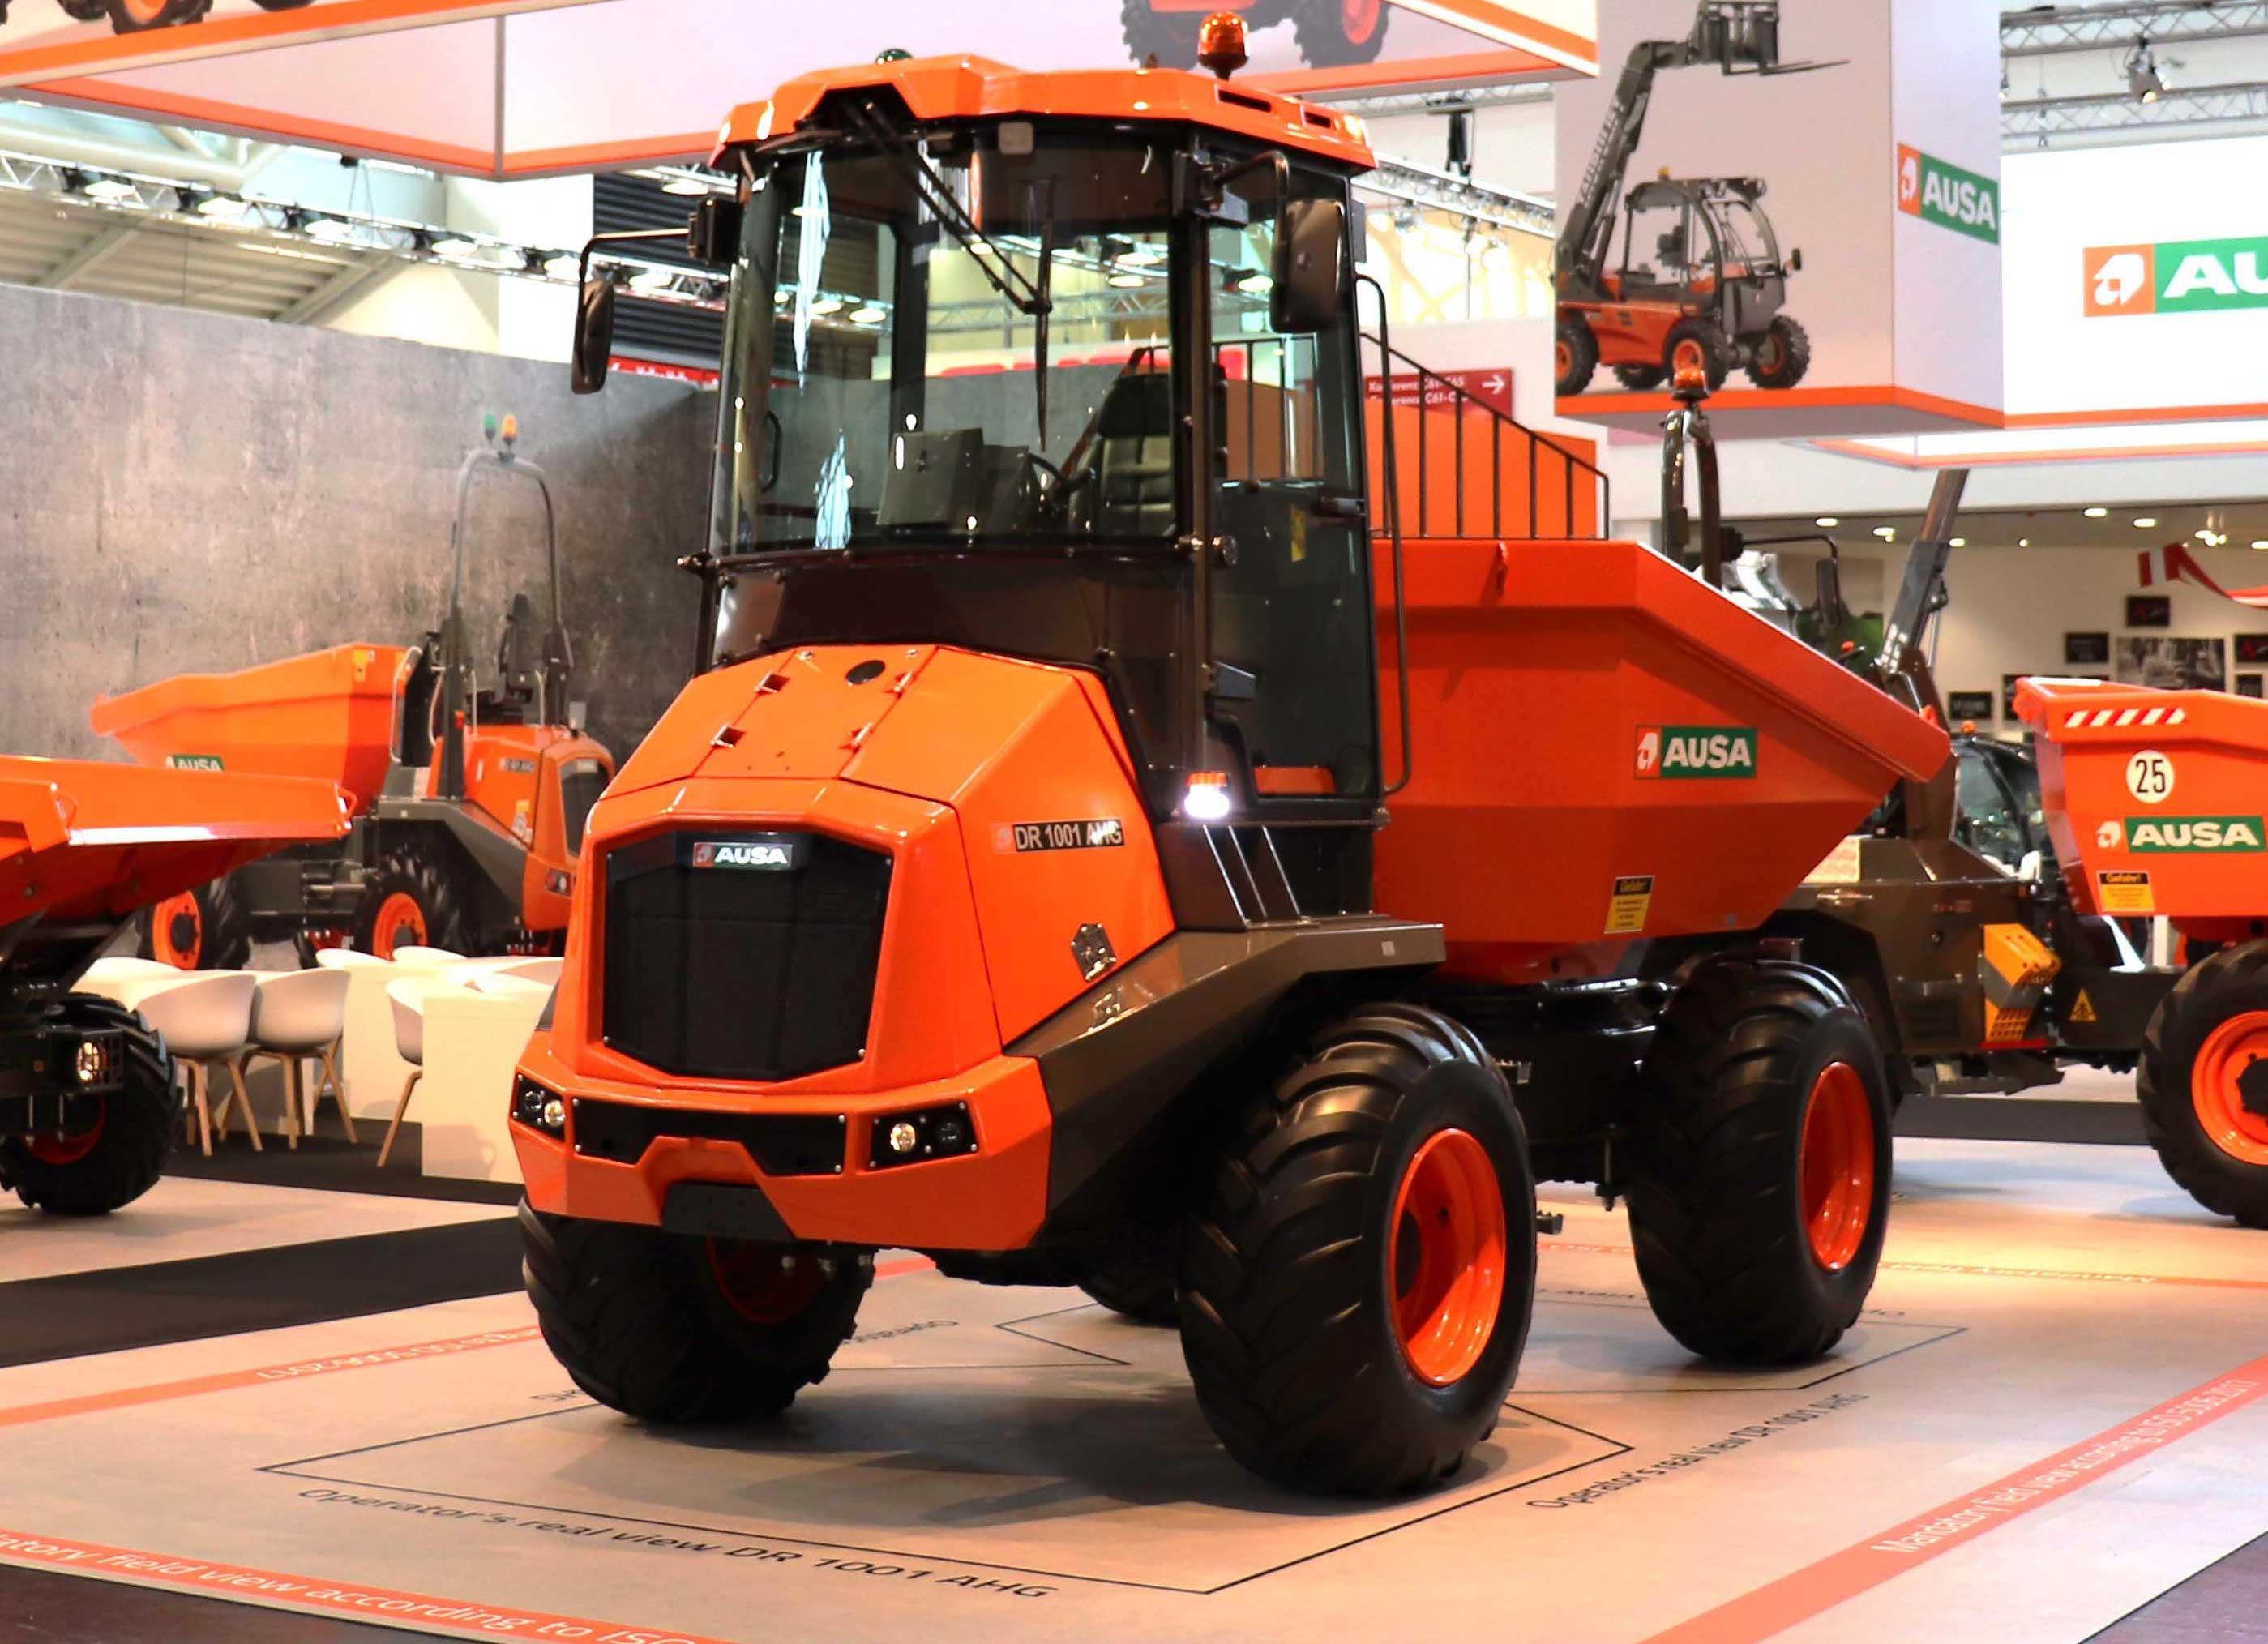 Ausa DR1001AHG site dumper is a 22,000-pound unit